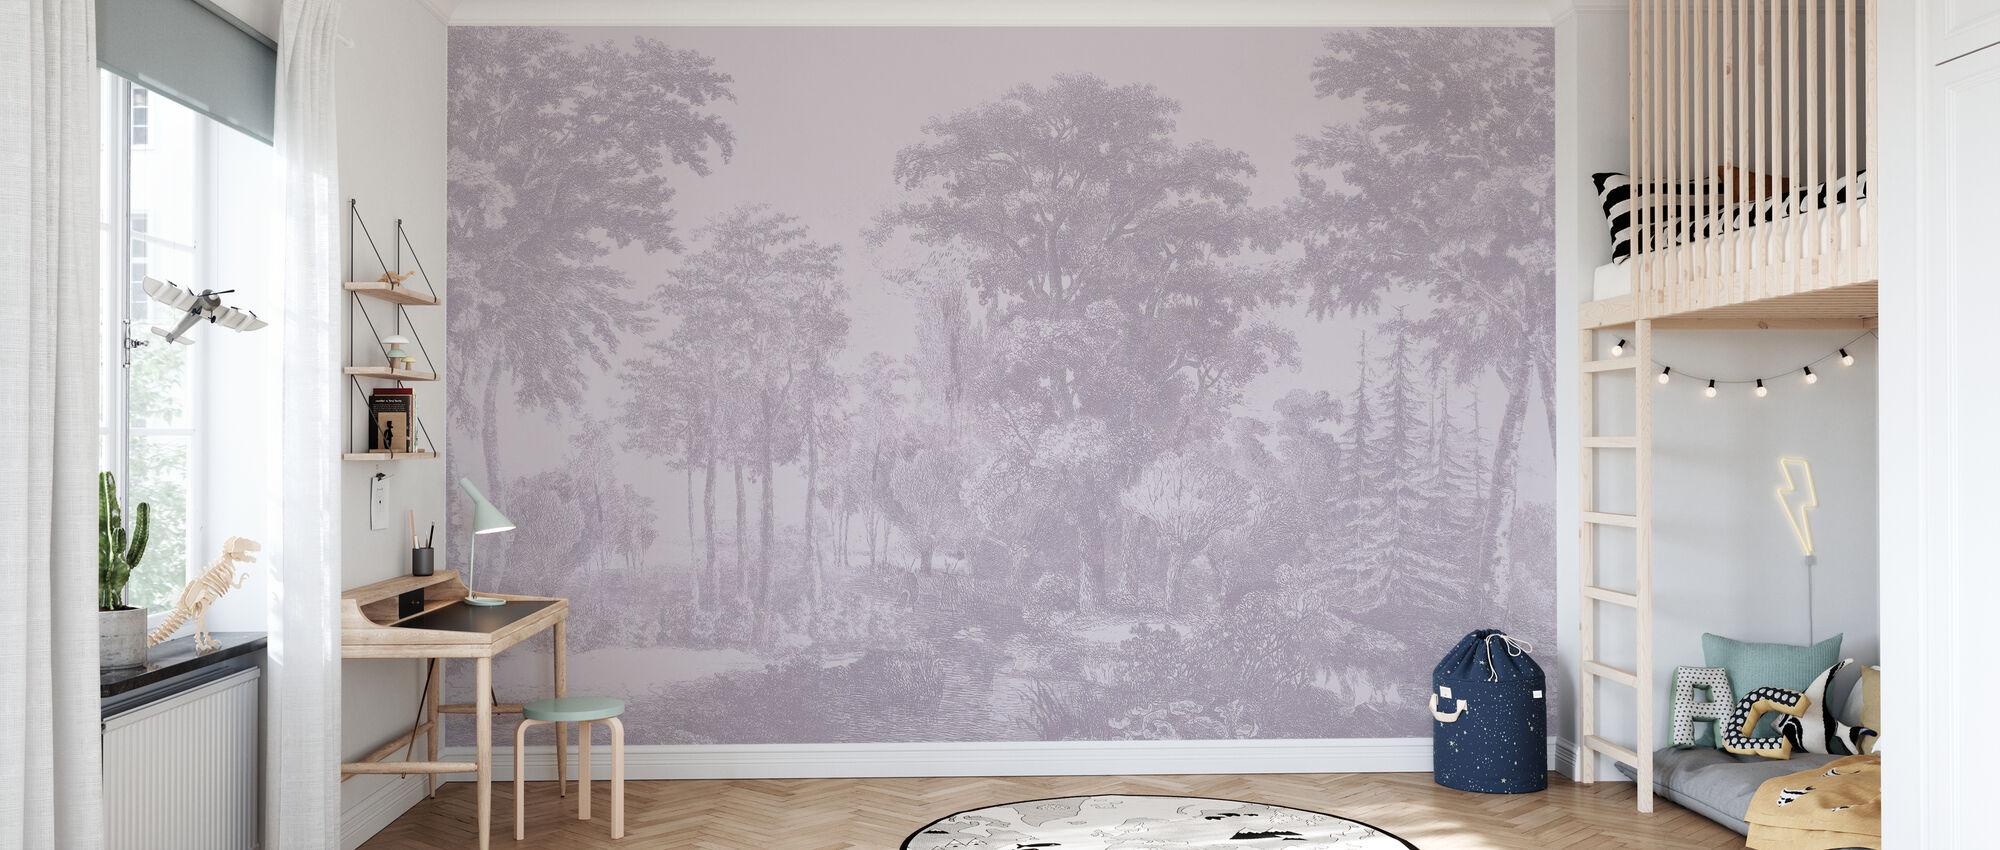 Slow Meander - Lavender - Wallpaper - Kids Room